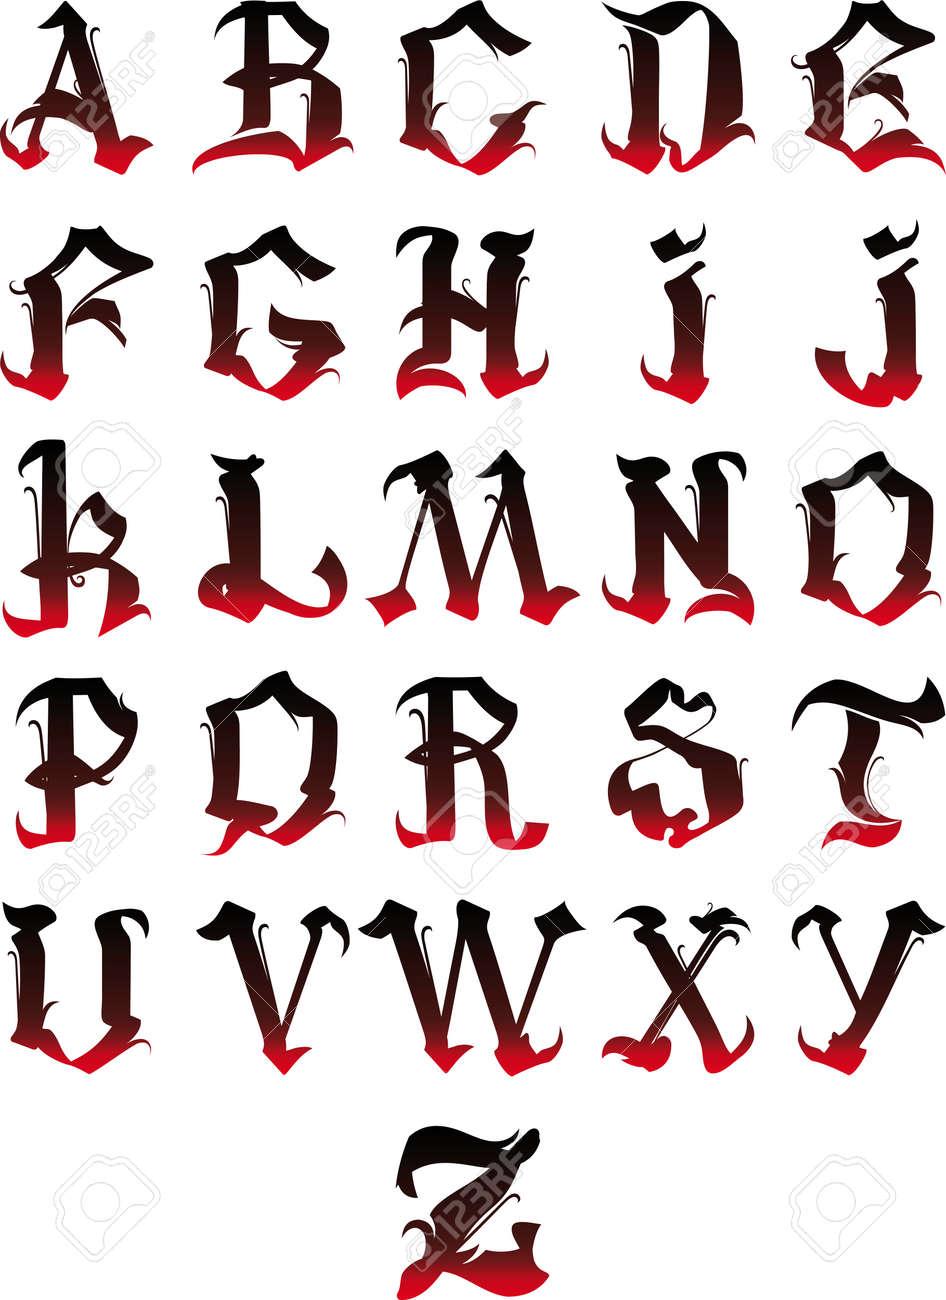 Belles lettres de lalphabet gothique isol sur un fond blanc clip banque dimages belles lettres de lalphabet gothique isol sur un fond blanc thecheapjerseys Image collections